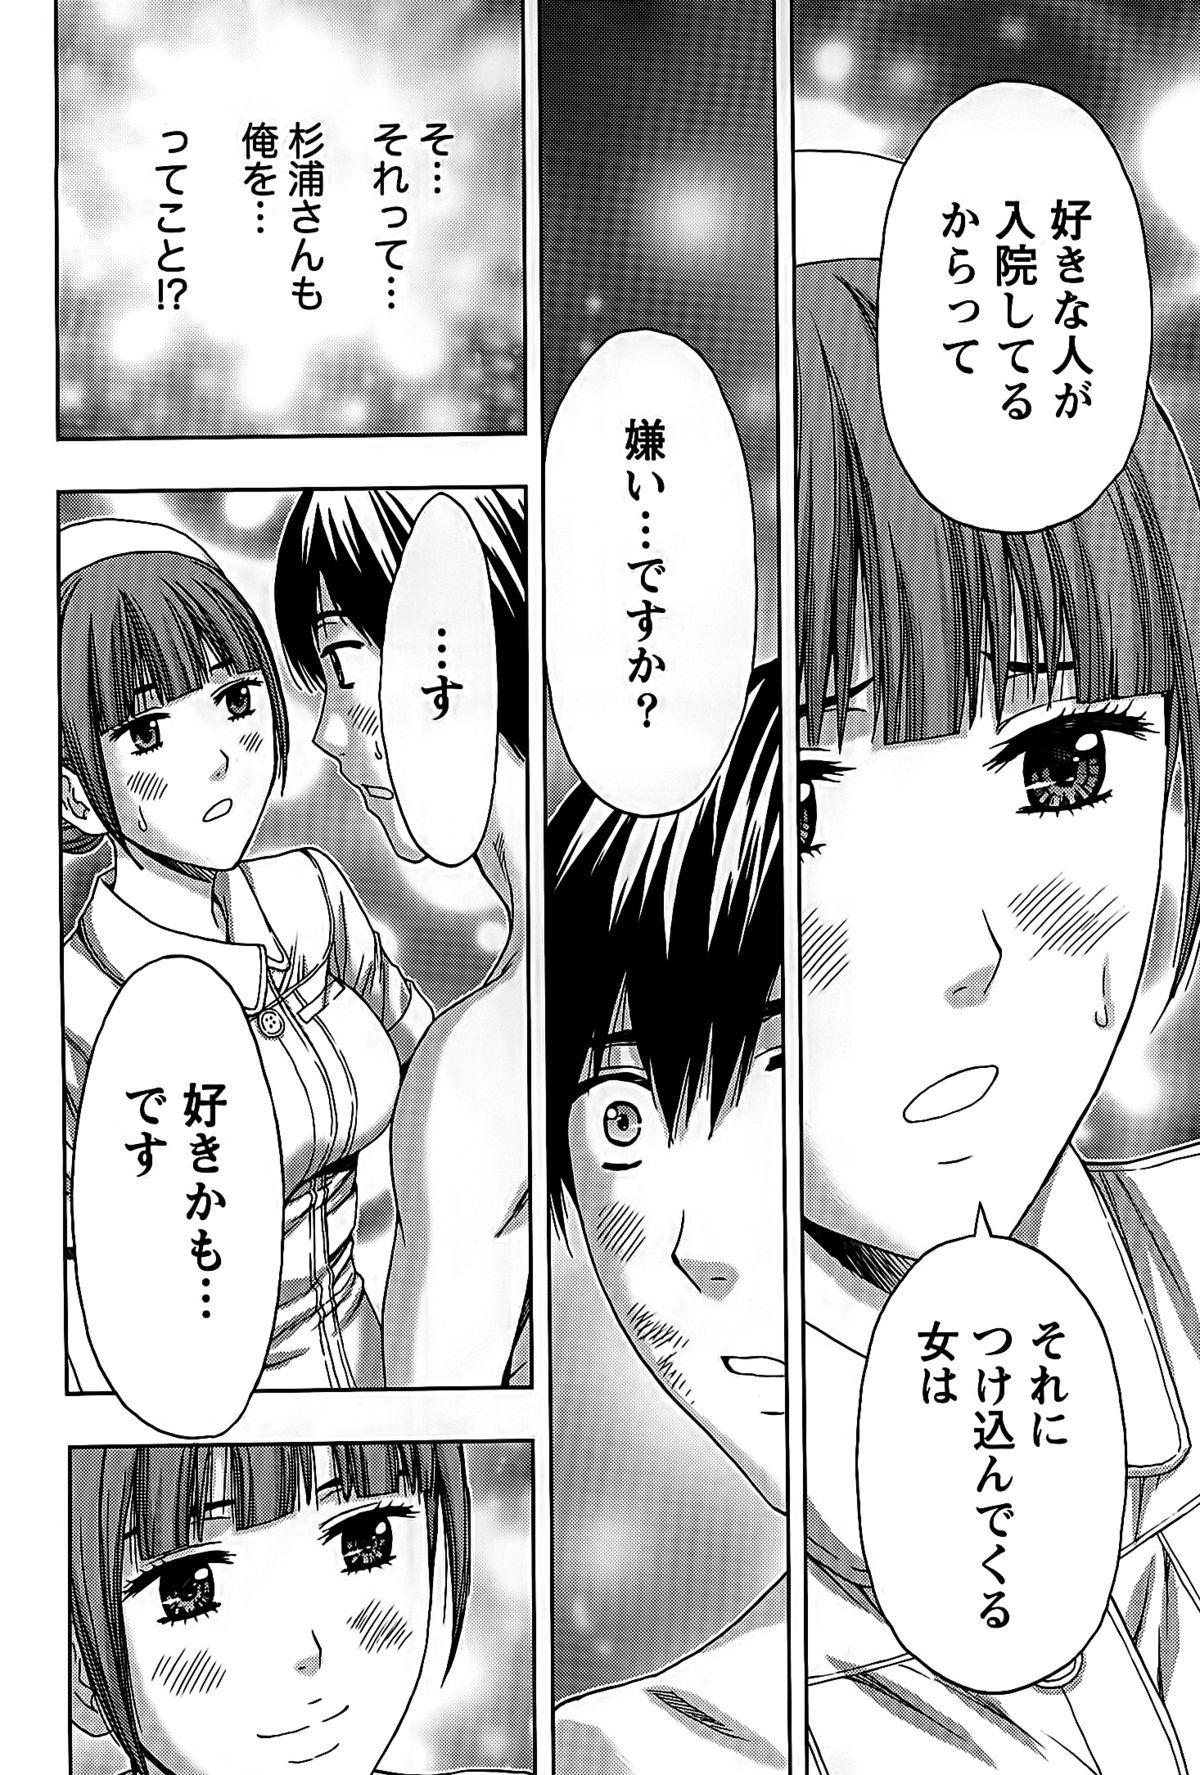 Shittori Lady to Amai Mitsu 118